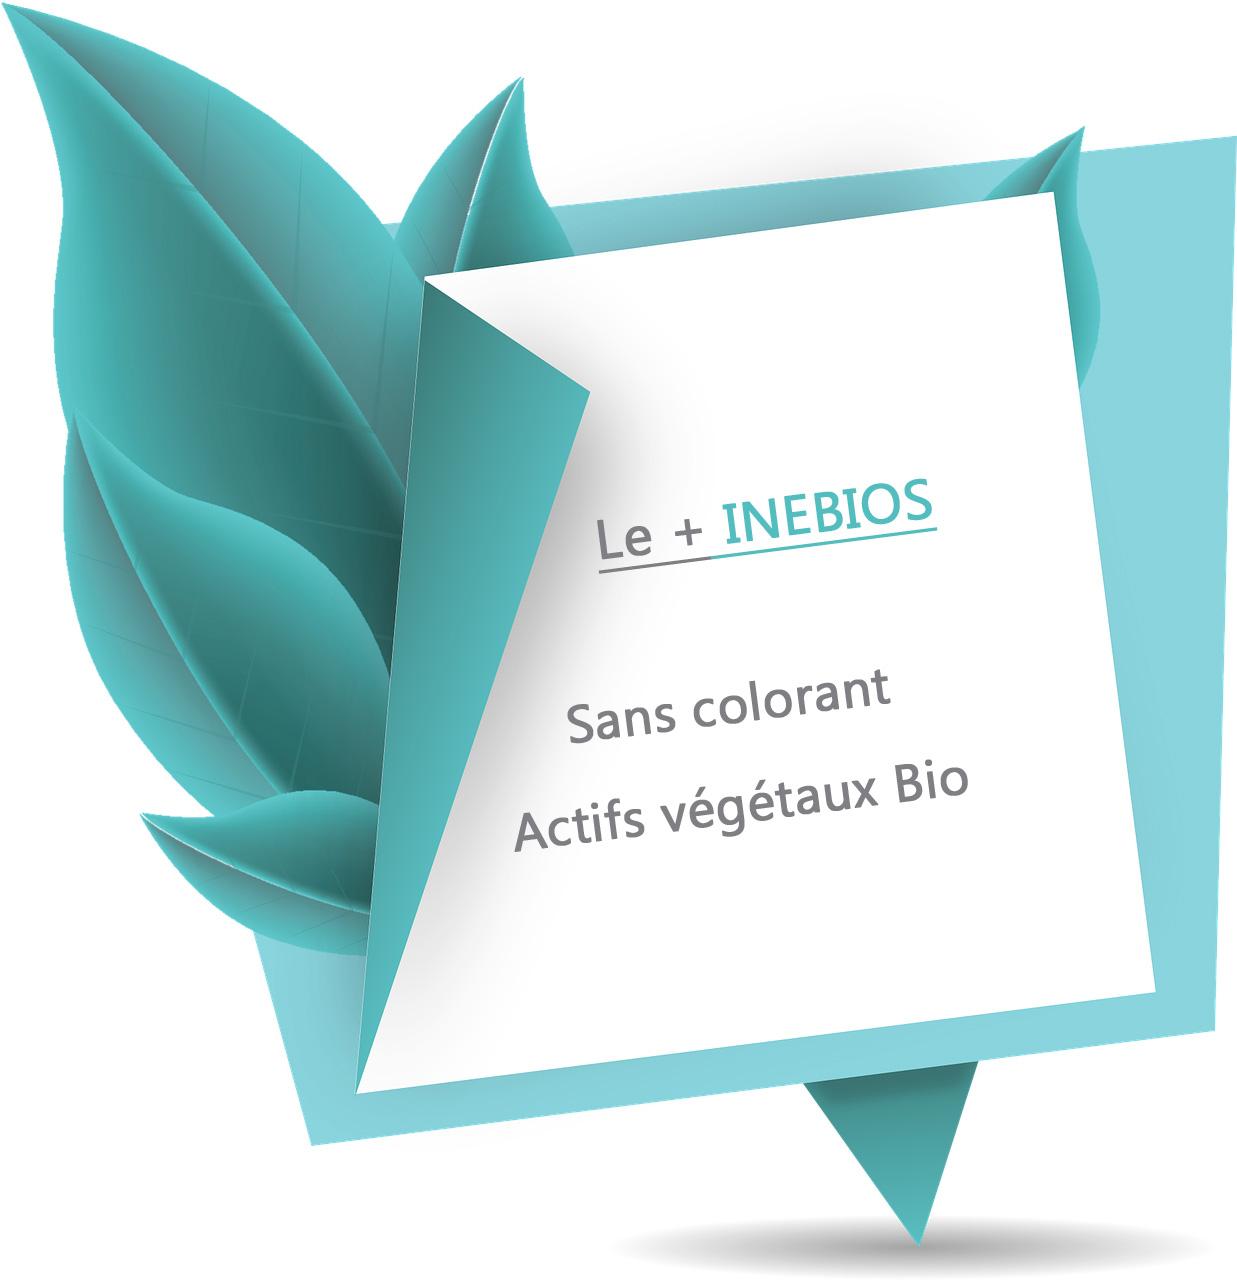 Le + Inebios